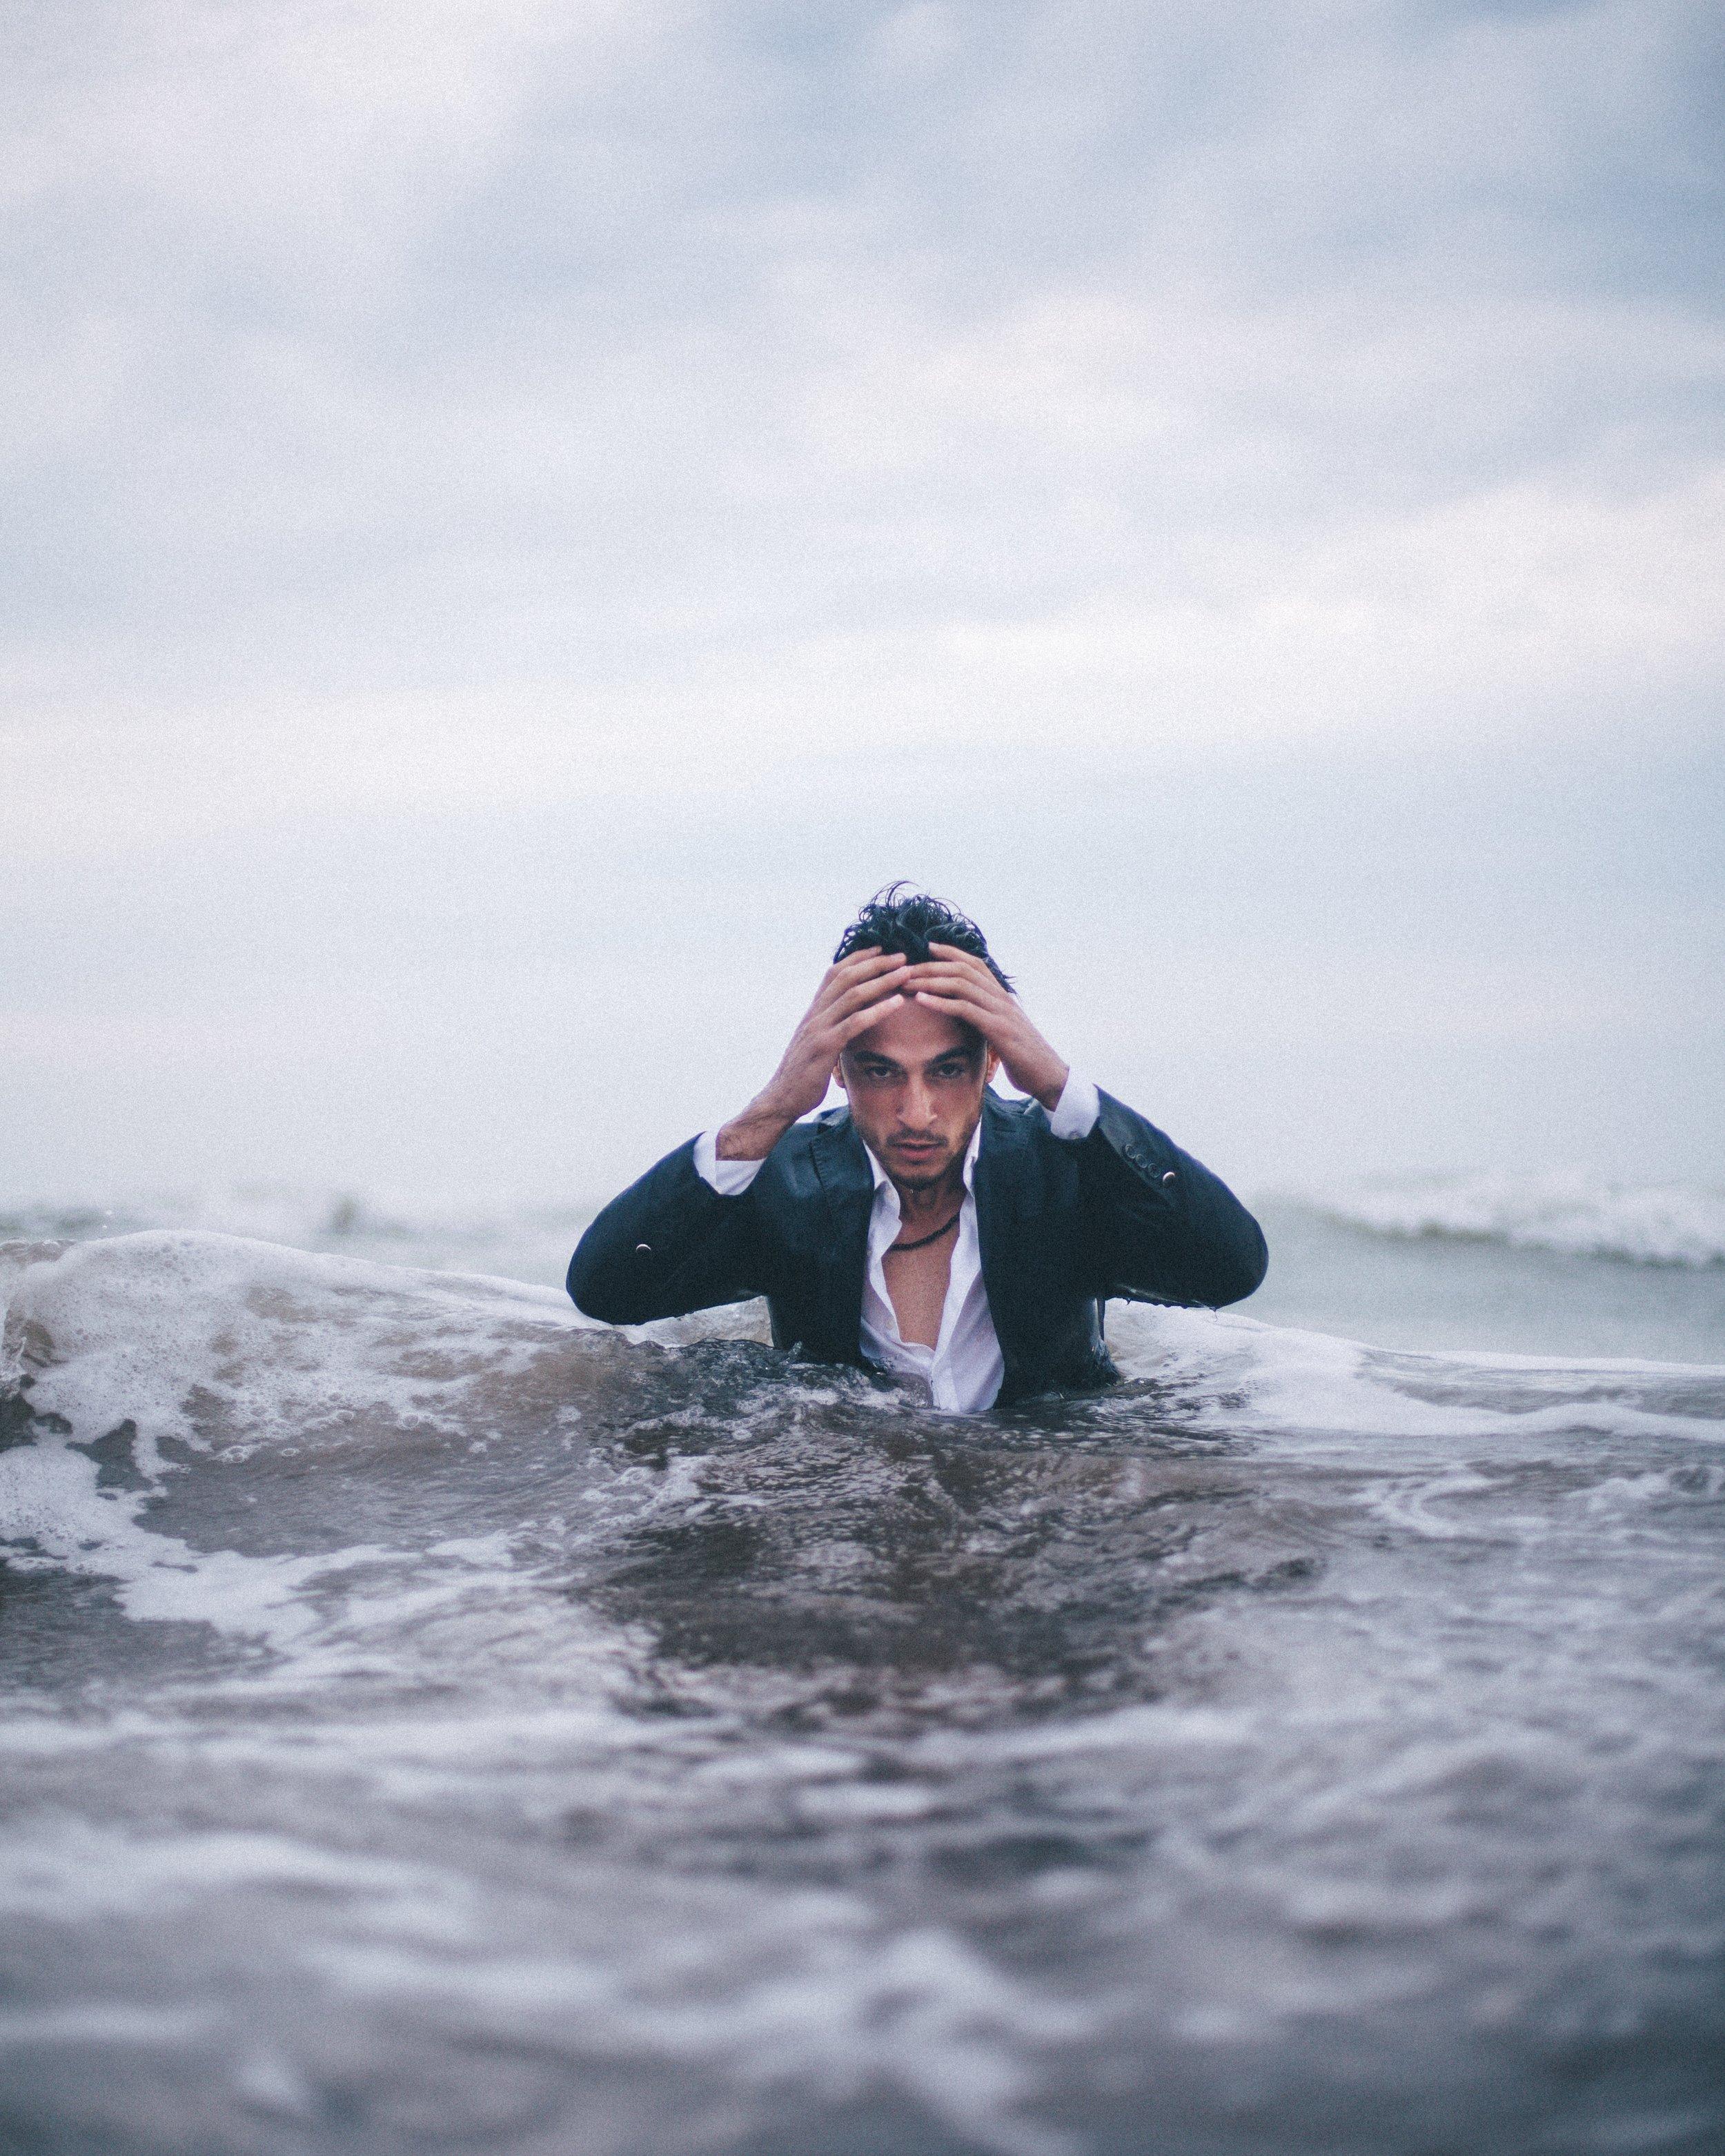 At få arbejds- og familieliv til at fungere, kan nemt skabe en konstant følelse af indre splittelse og en frygt for at drukne i det hele.  Foto: Mubariz Mehdizadeh via Unsplash